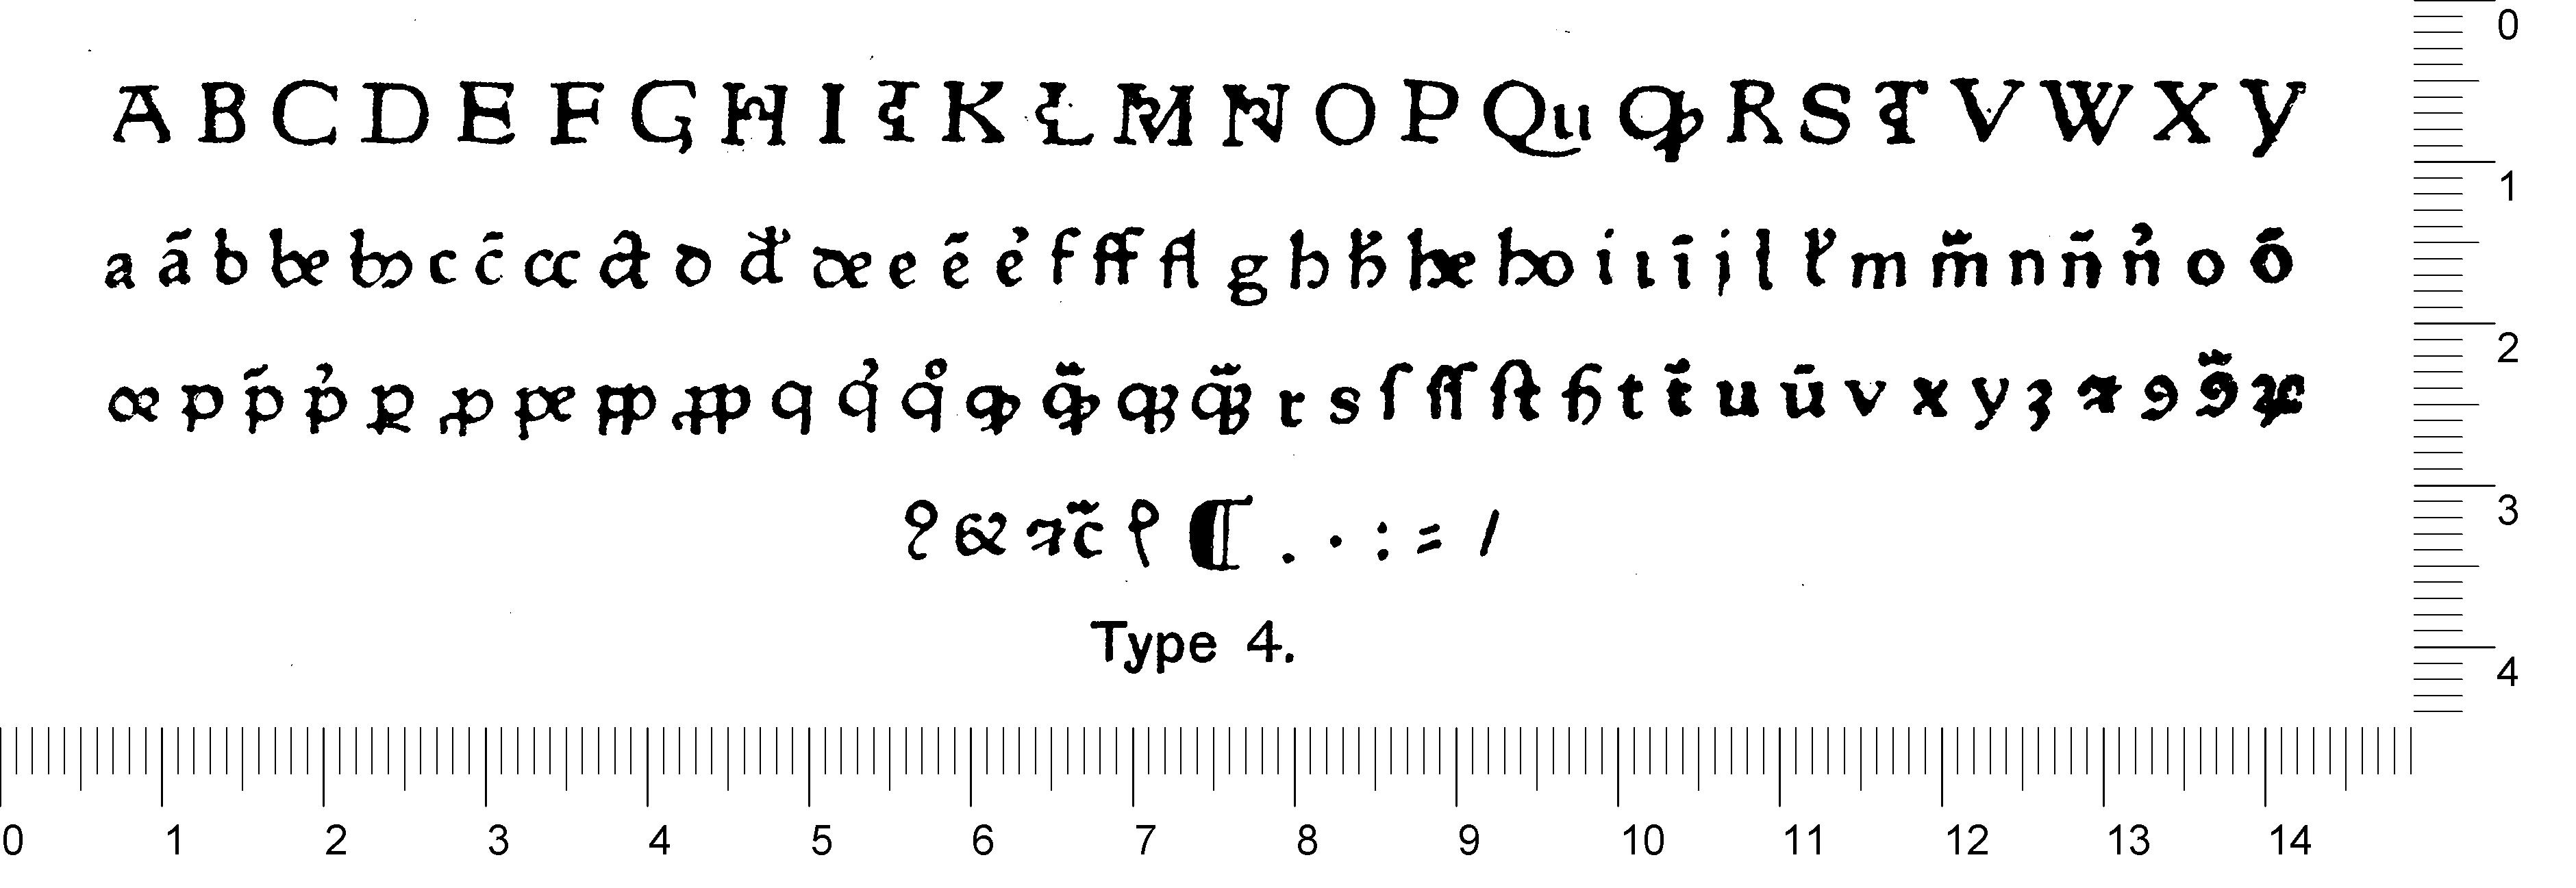 GfT0462.3-zainer